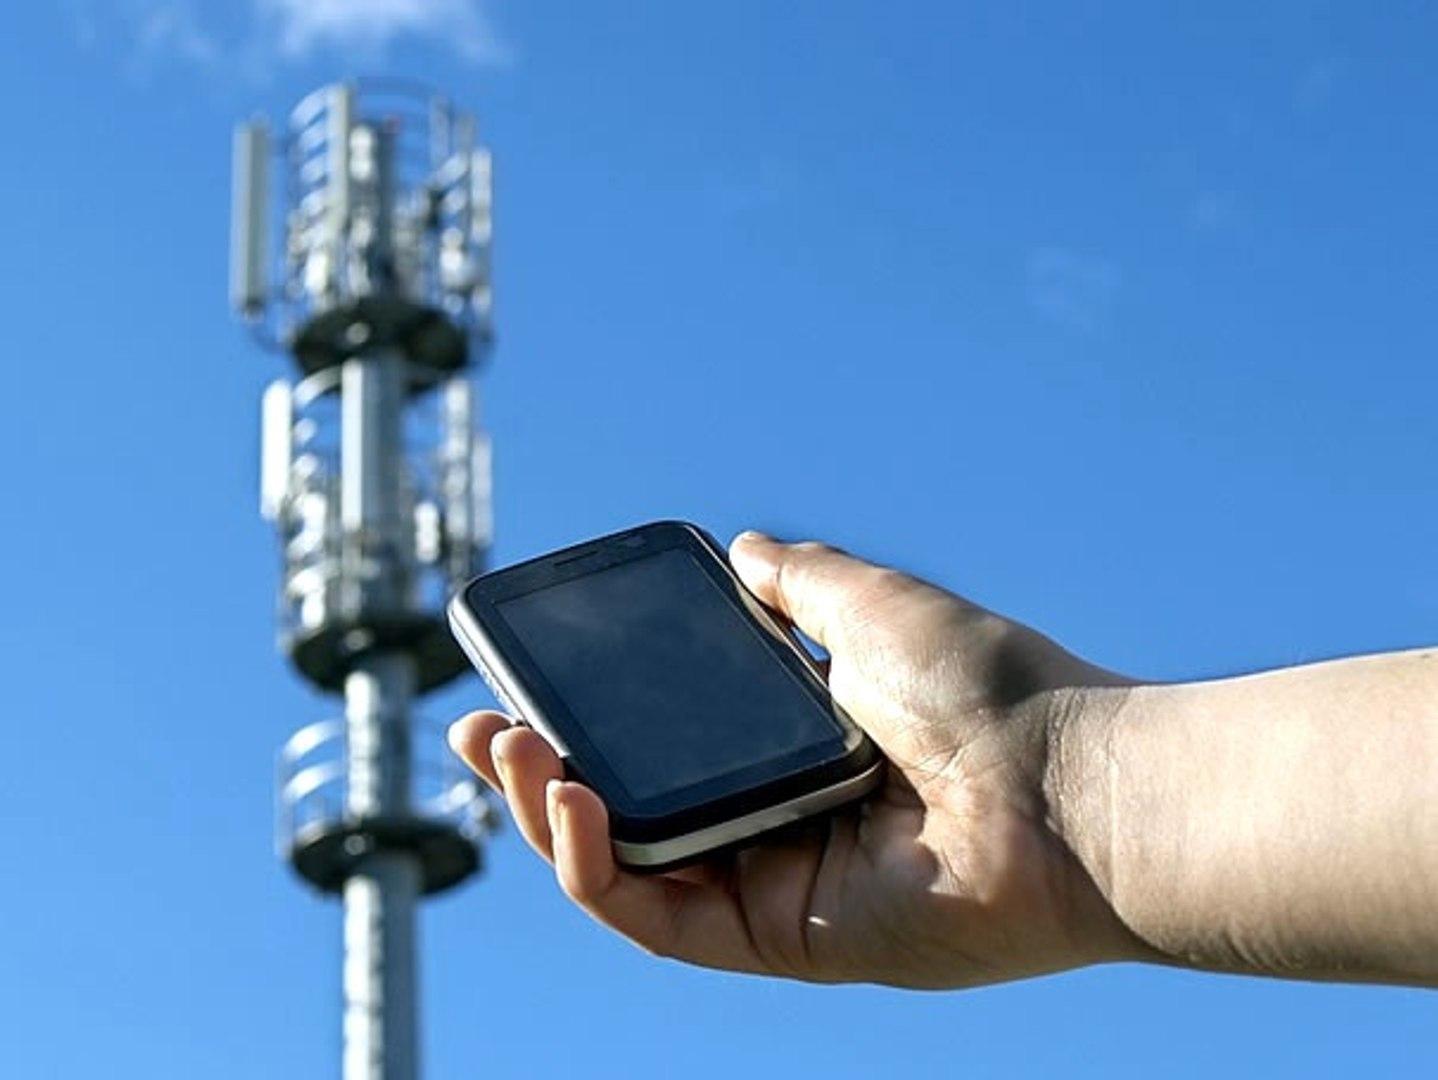 Мобильная связь развивается, есть очевидные лидеры